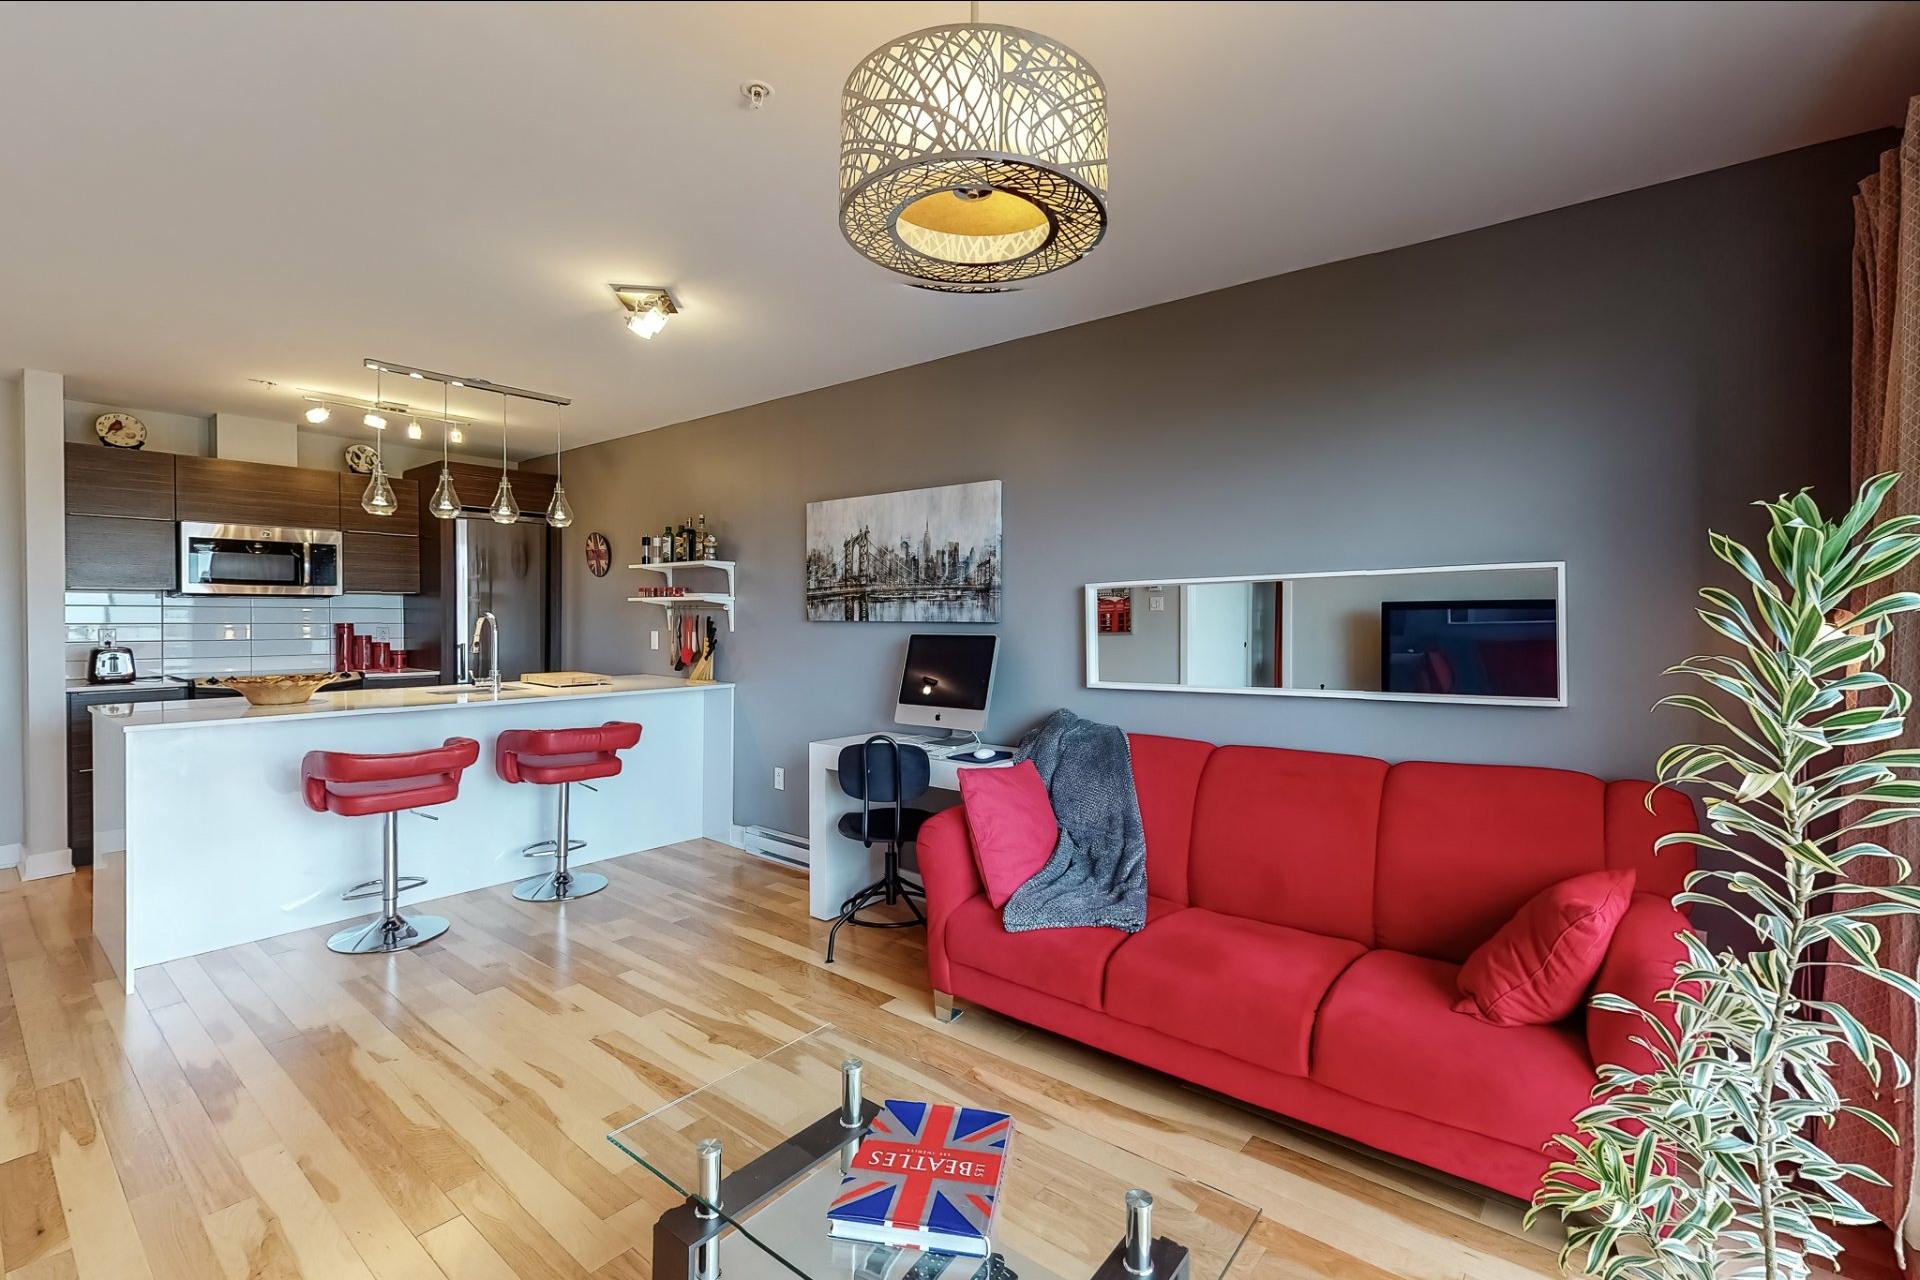 image 1 - Appartement À vendre Rosemont/La Petite-Patrie Montréal  - 3 pièces